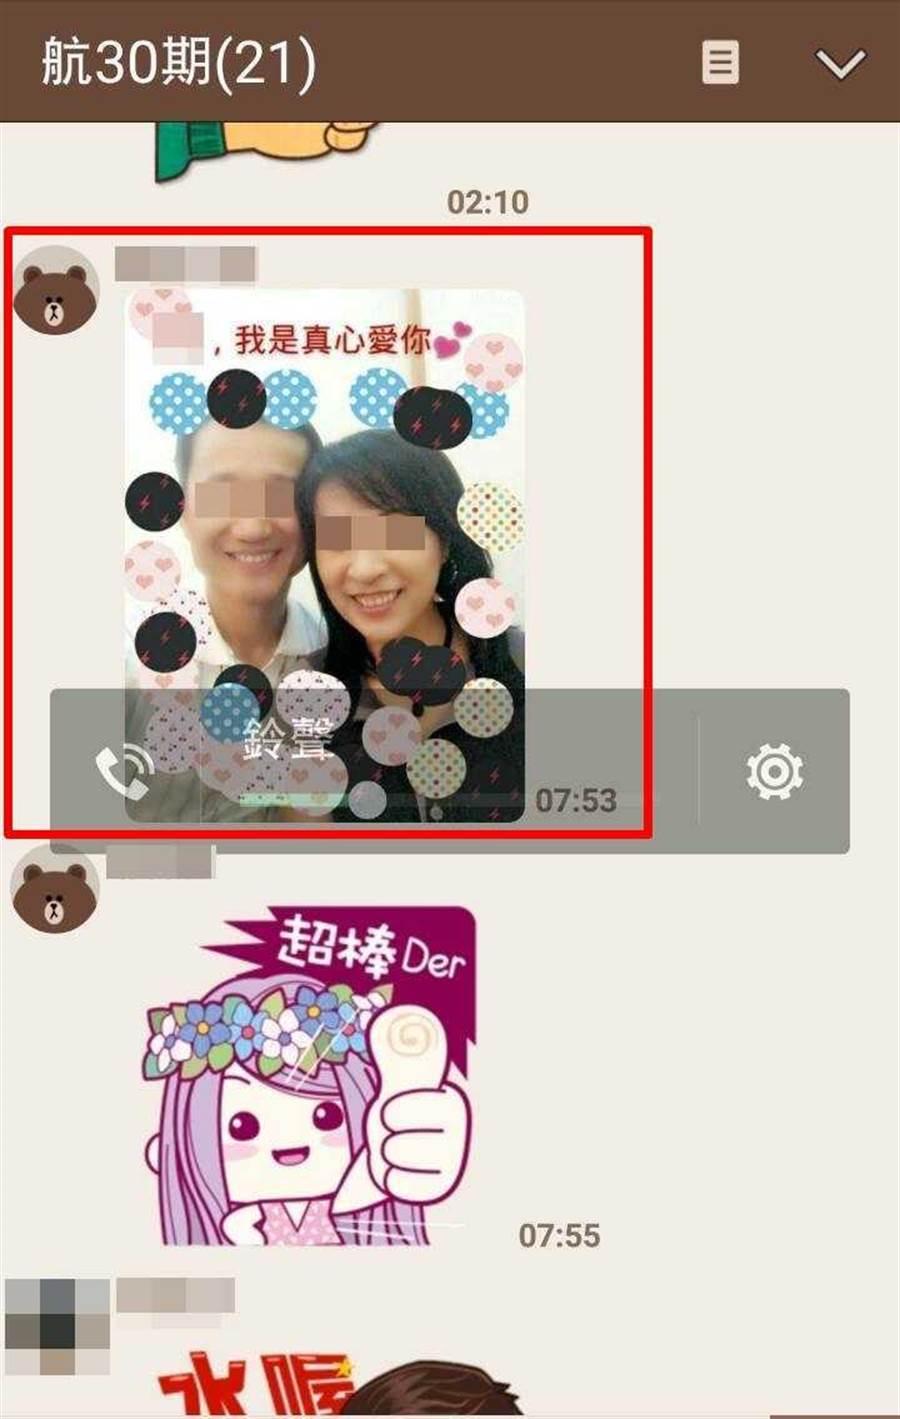 劉男將與小三的恩愛照到處傳遞,連陸航同學群組都有收到,照片上更寫著「我是真心愛妳」。(圖/讀者提供)